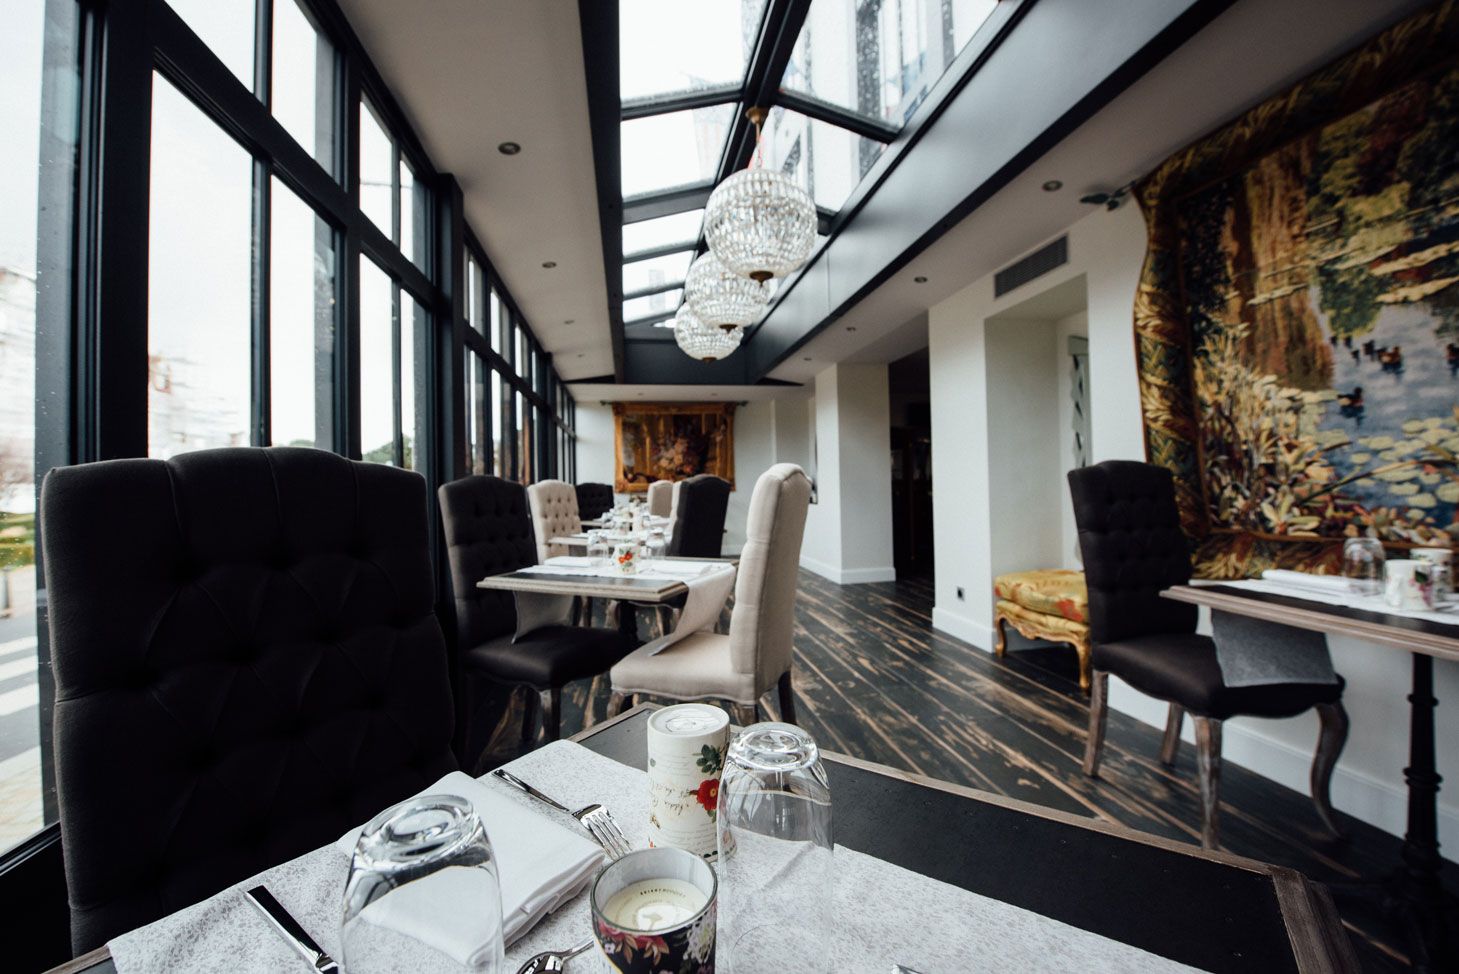 Salle restauration, tables, chaises | Amirauté Hôtel La Baule